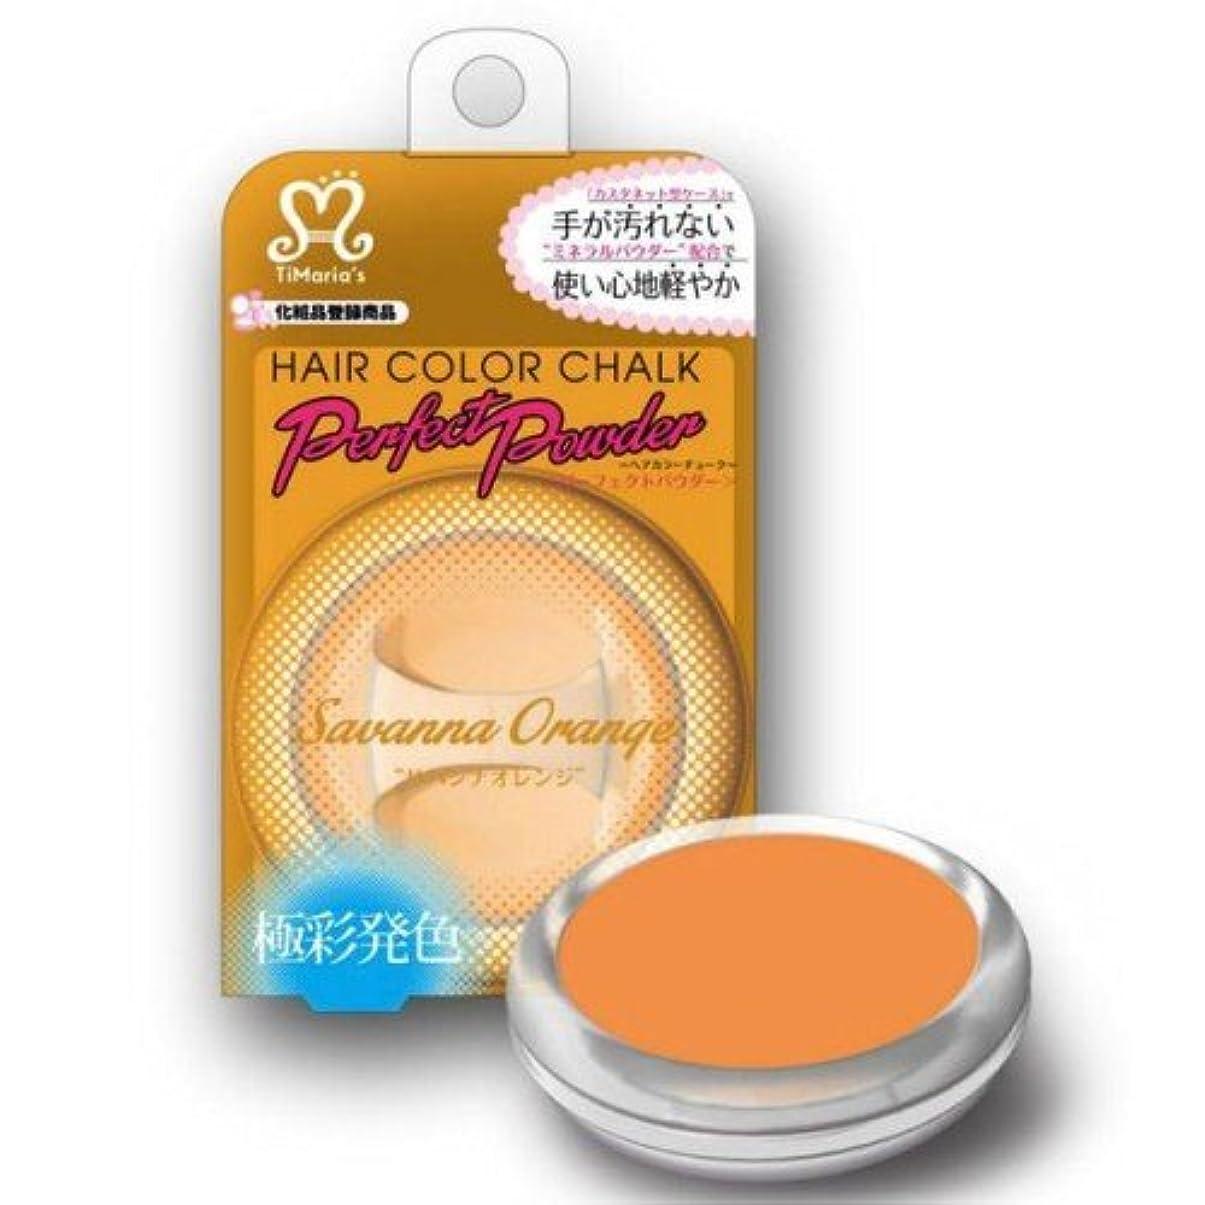 舌辛なとにかくティーマリアーズ ヘアカラーチョーク パーフェクトパウダー サバンナオレンジ(6g)